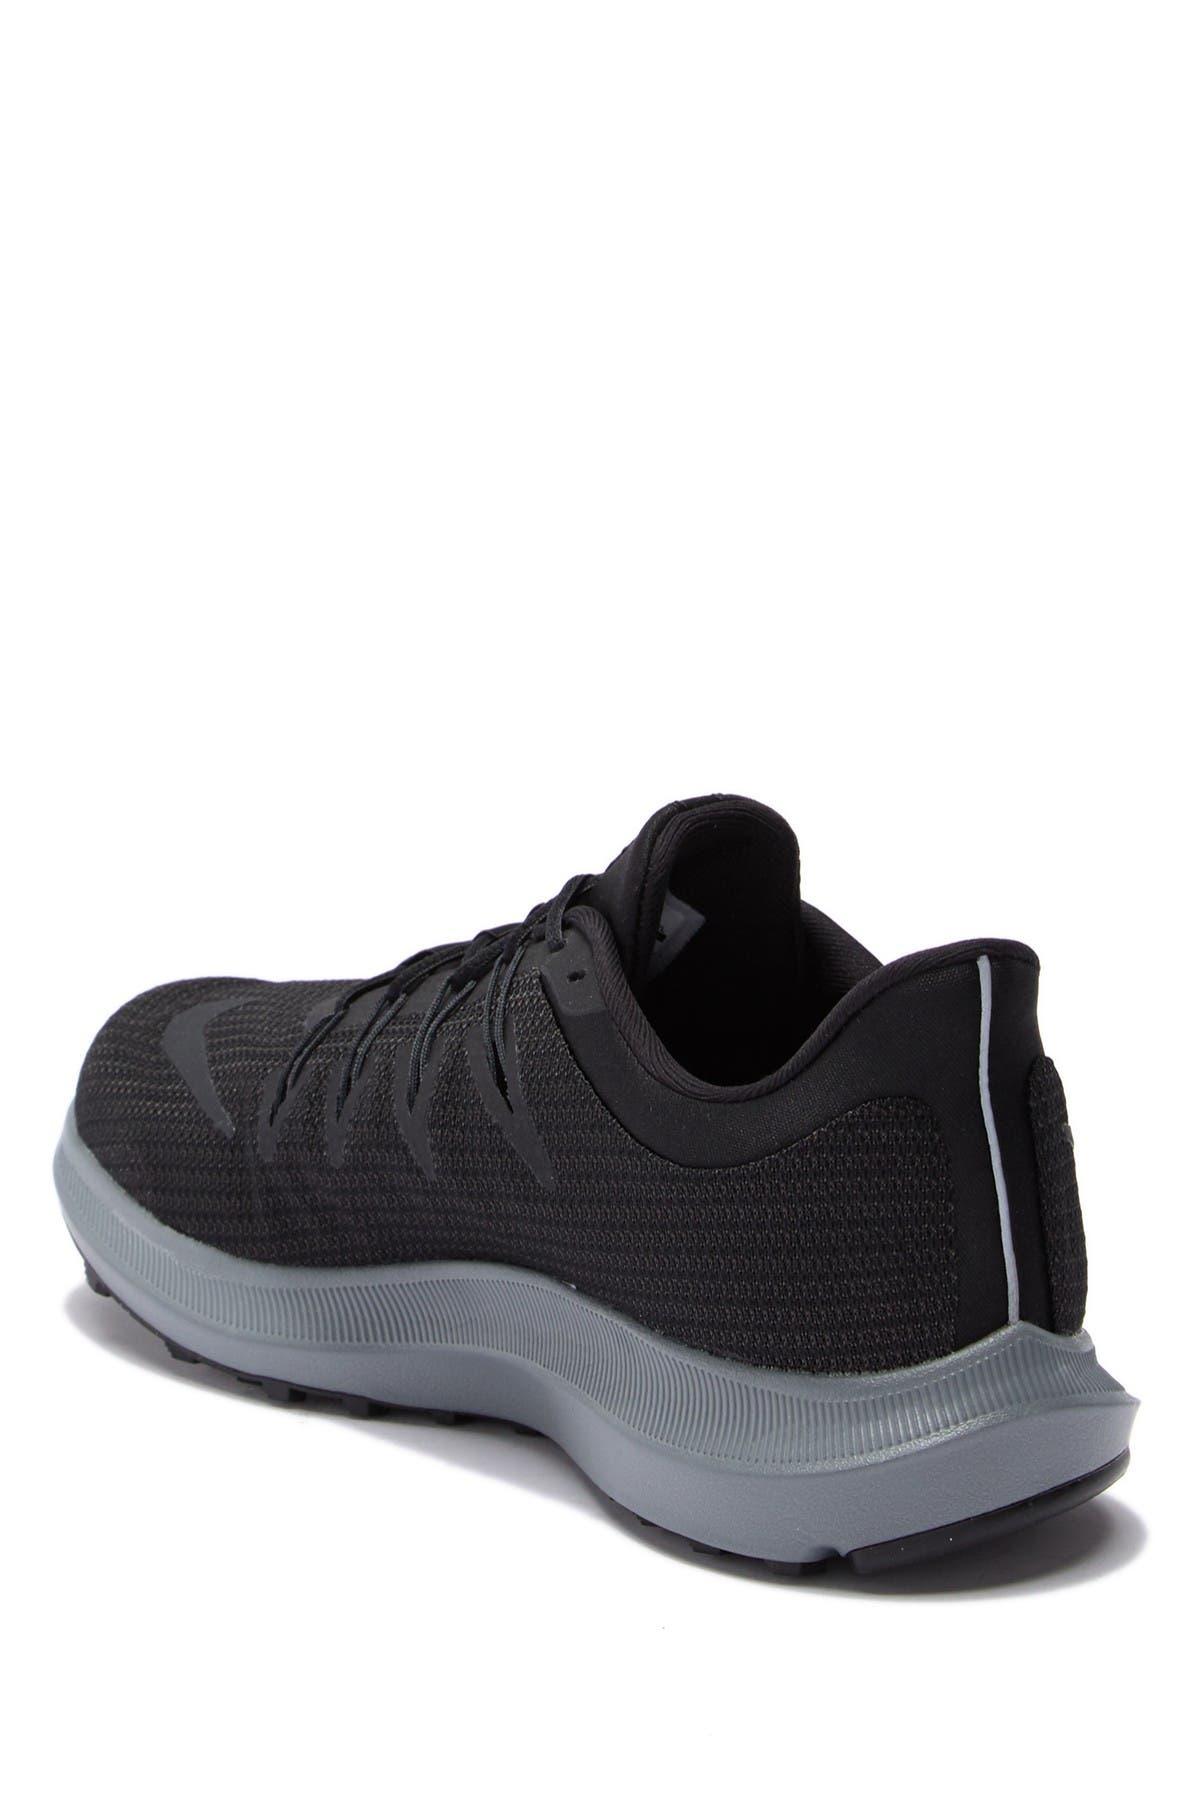 Nike | Quest 4E Running Shoe - Wide